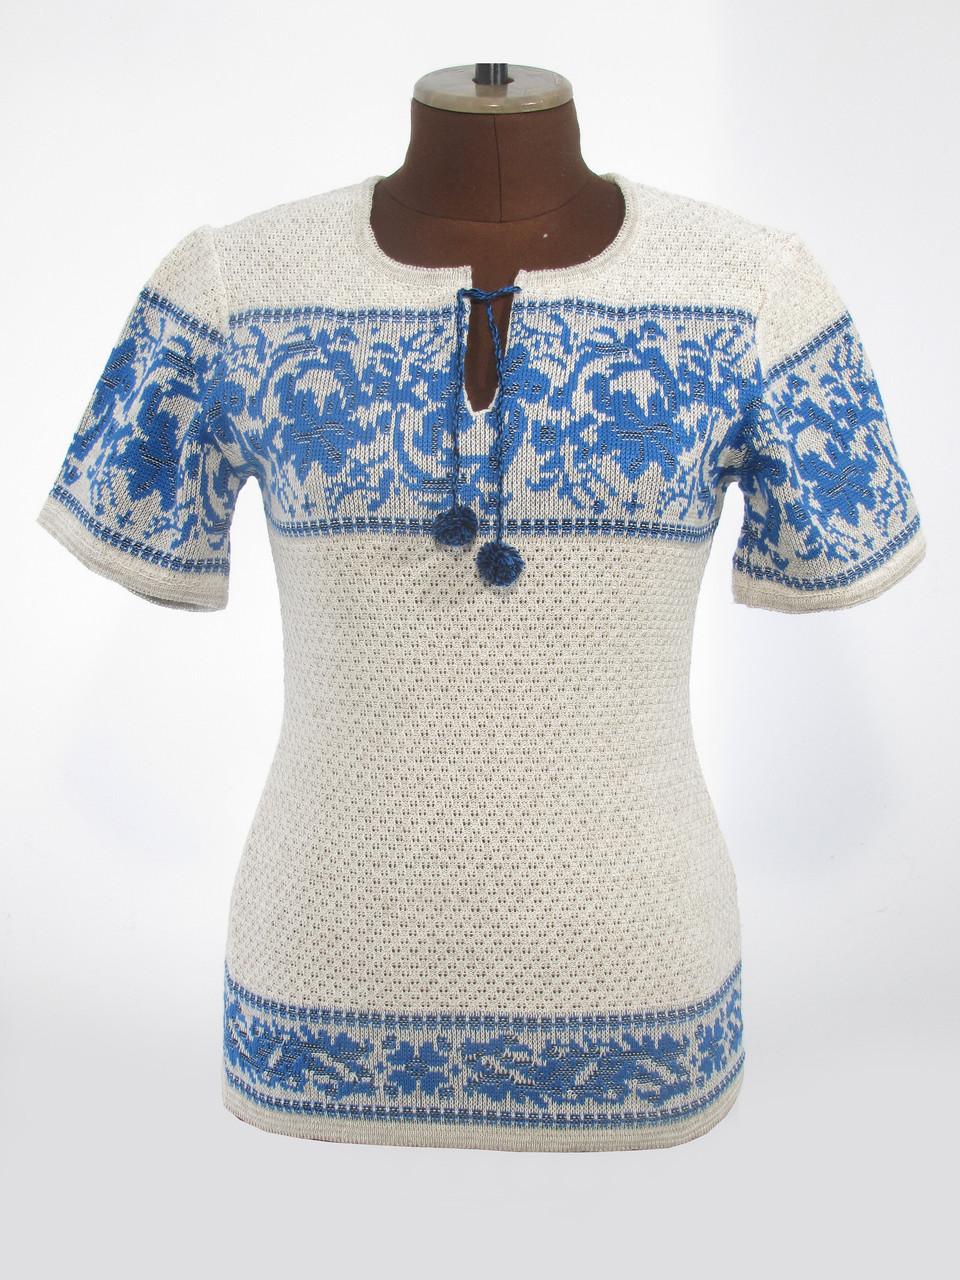 Женская рубашка вязаная Лилия ультра (корткий рукав)